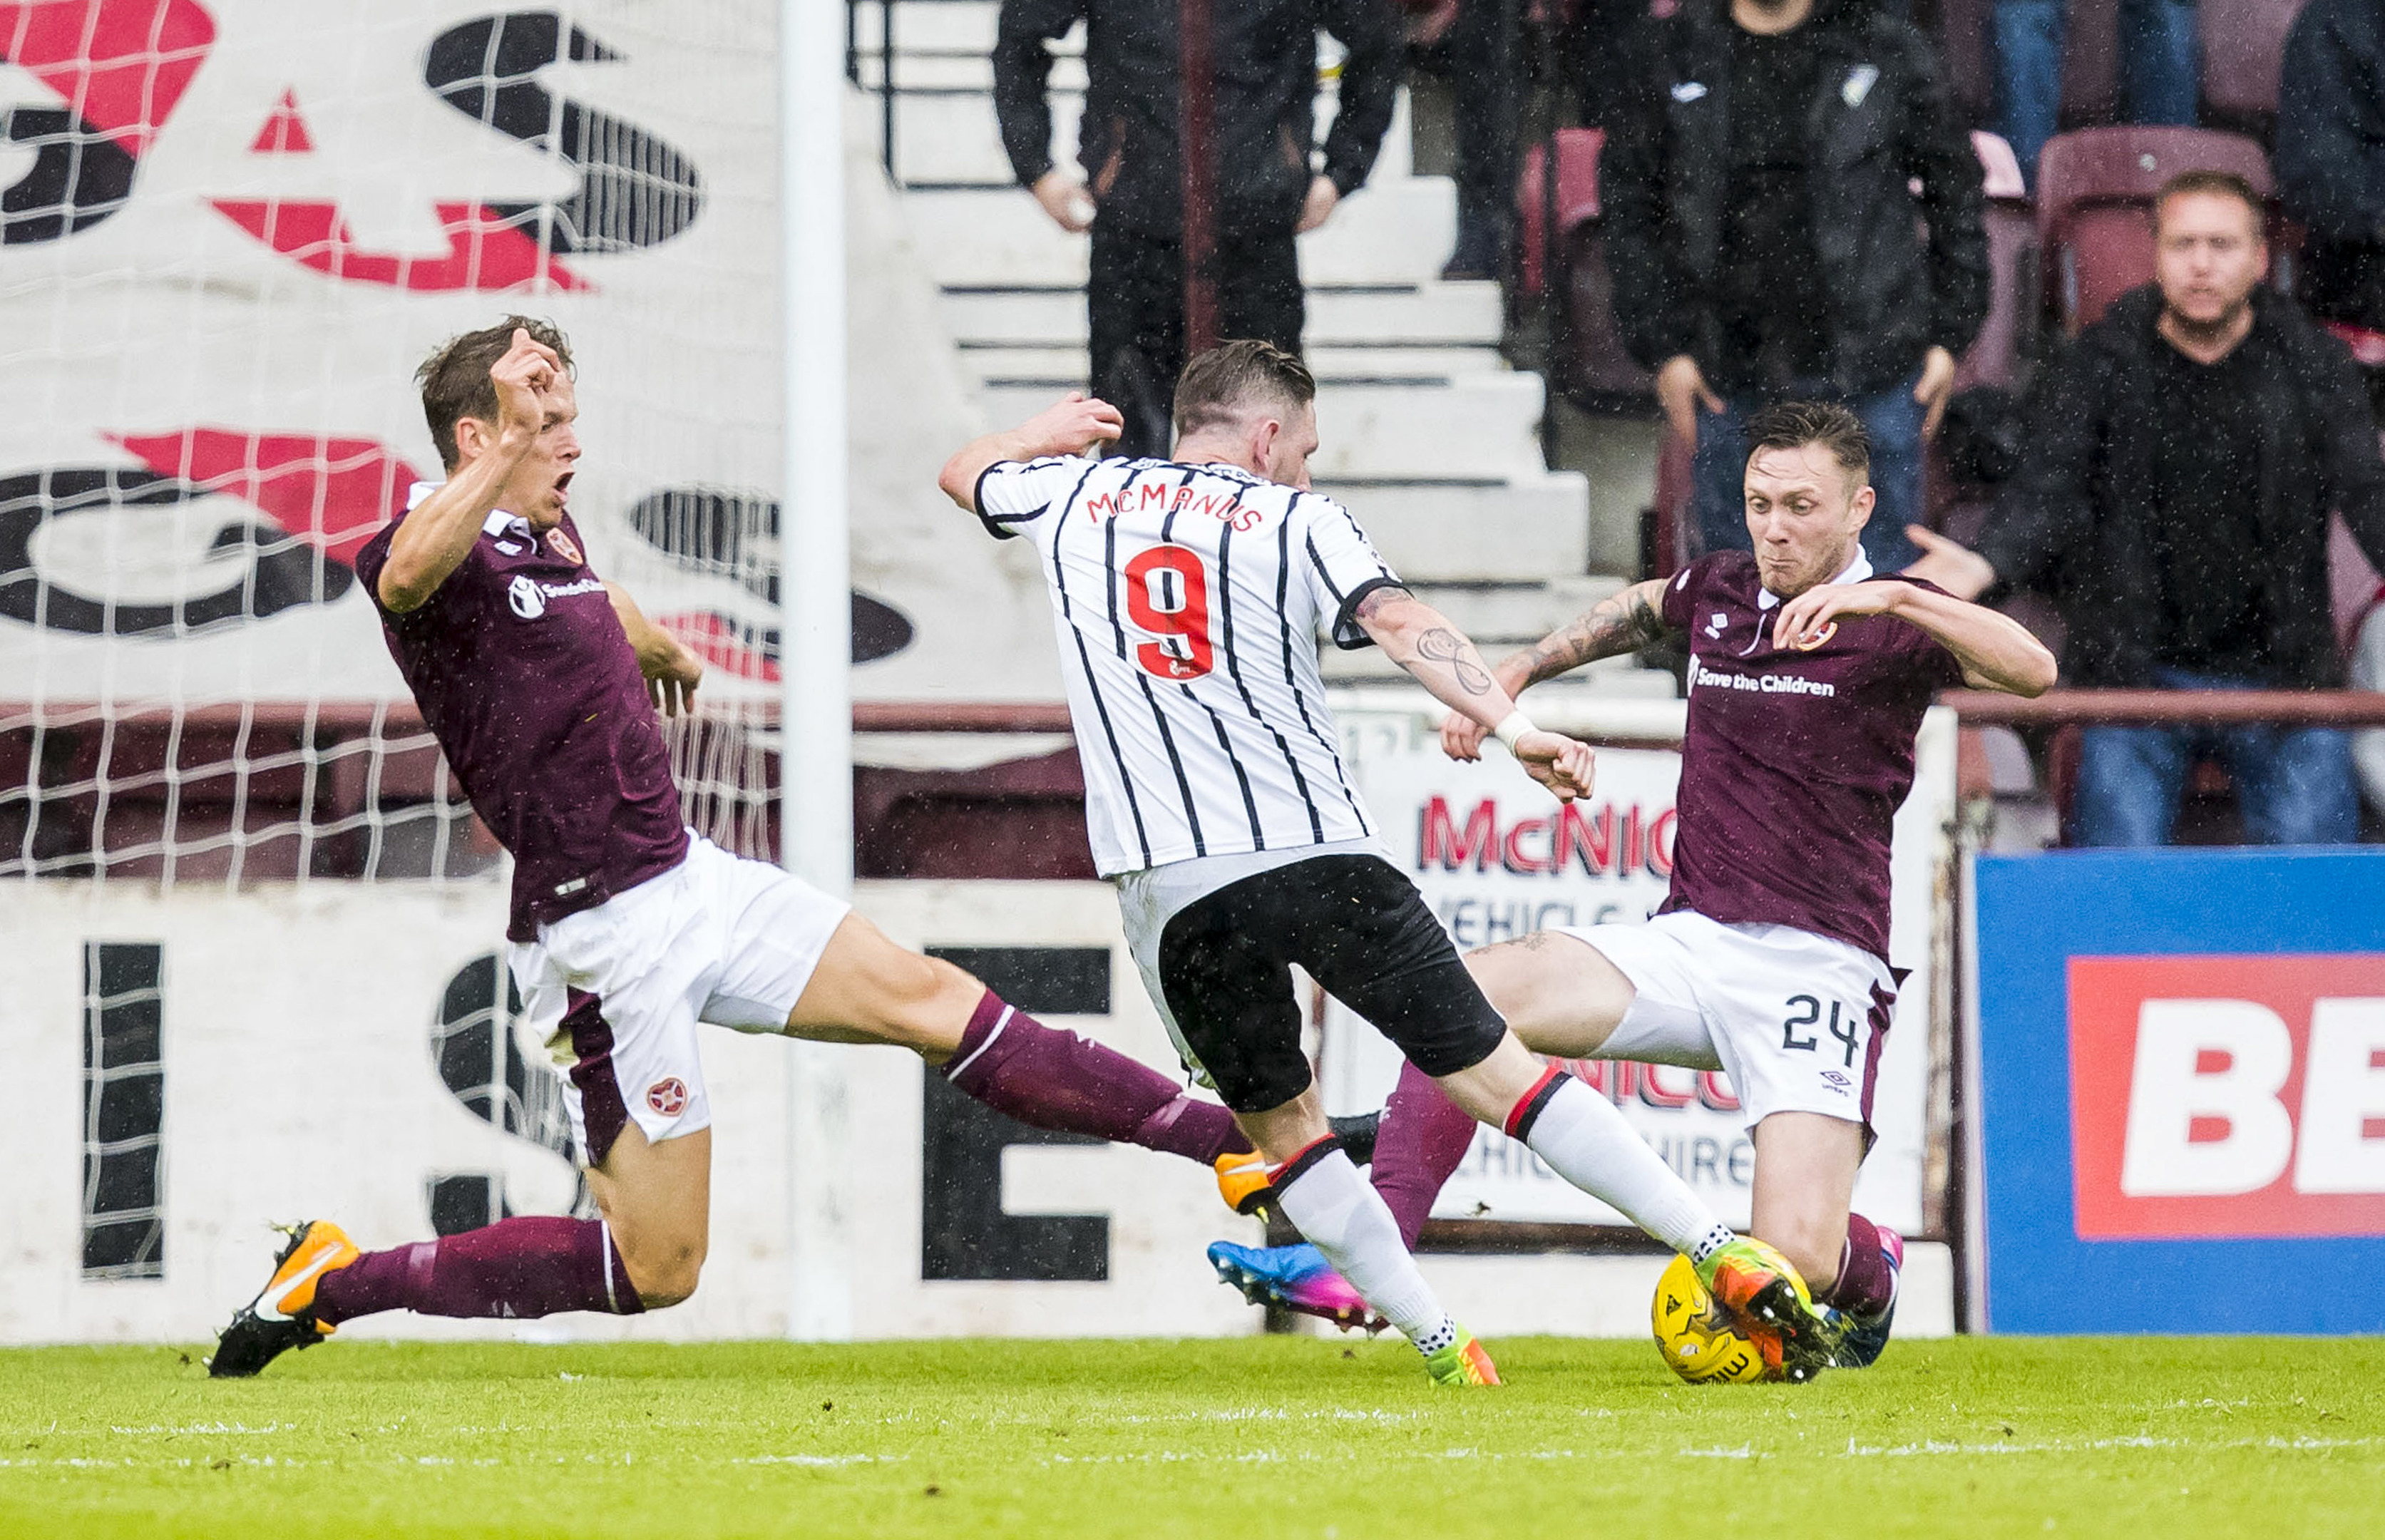 Dunfermline's Declan McManus (centre) scores his side's second goal (SNS)